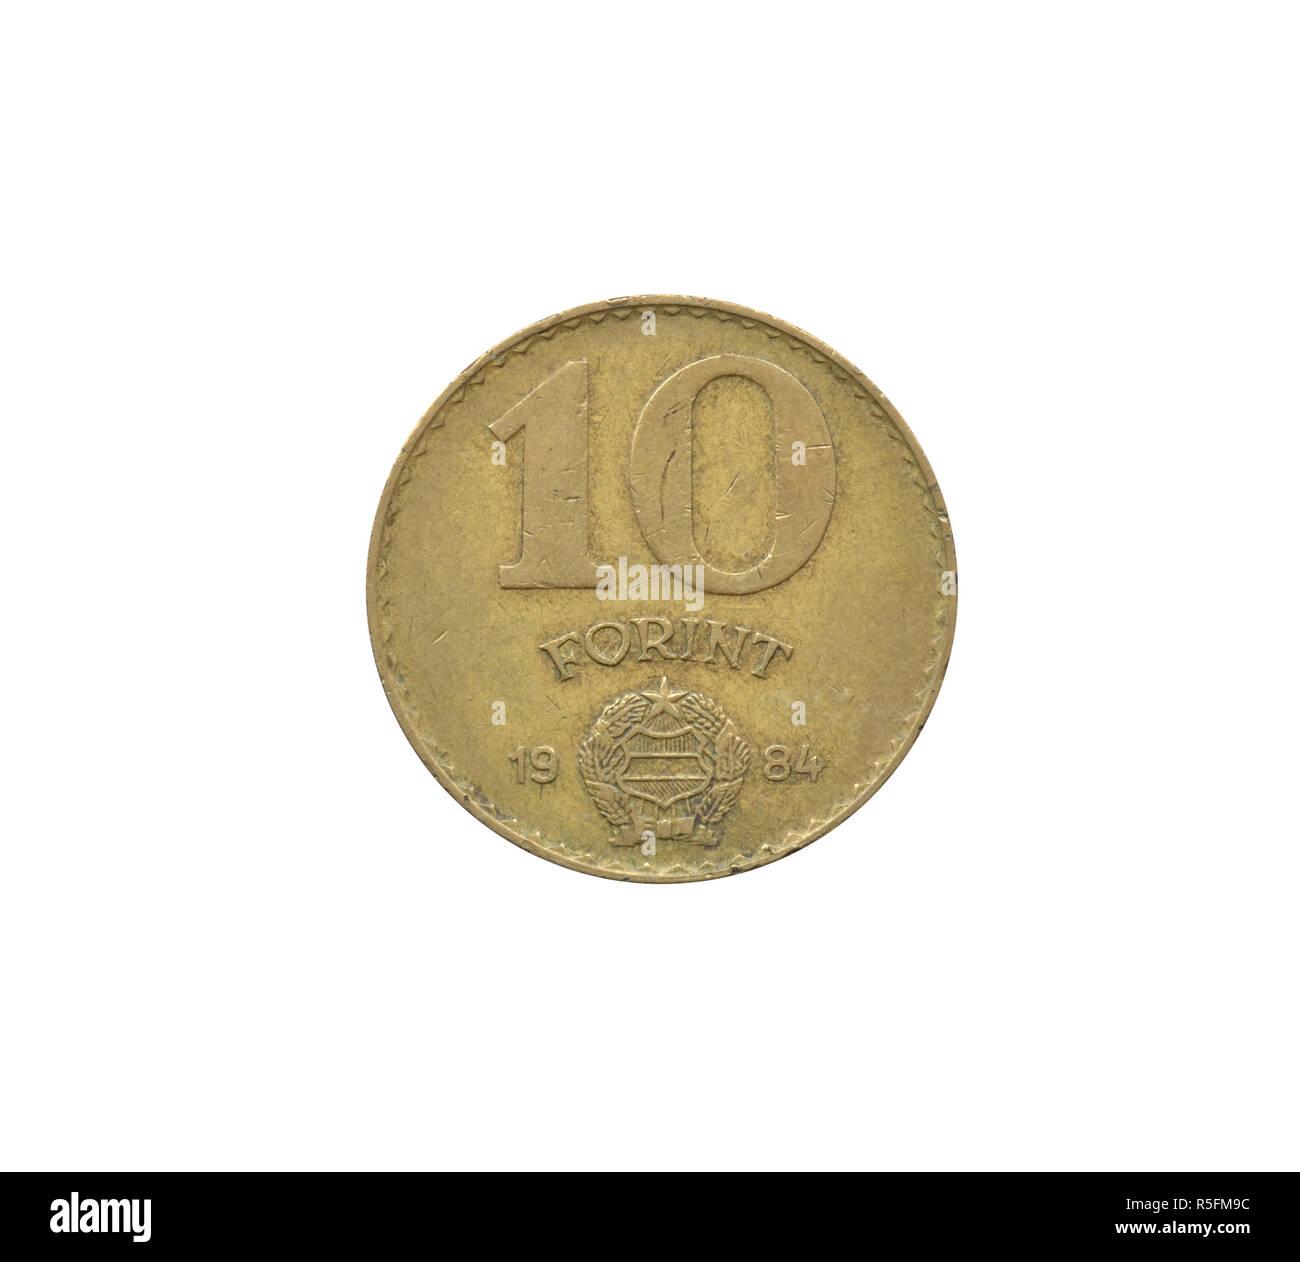 Umkehrbuchung Von 10 Ungarischen Forint Münze Zeigt Die Wappen Und